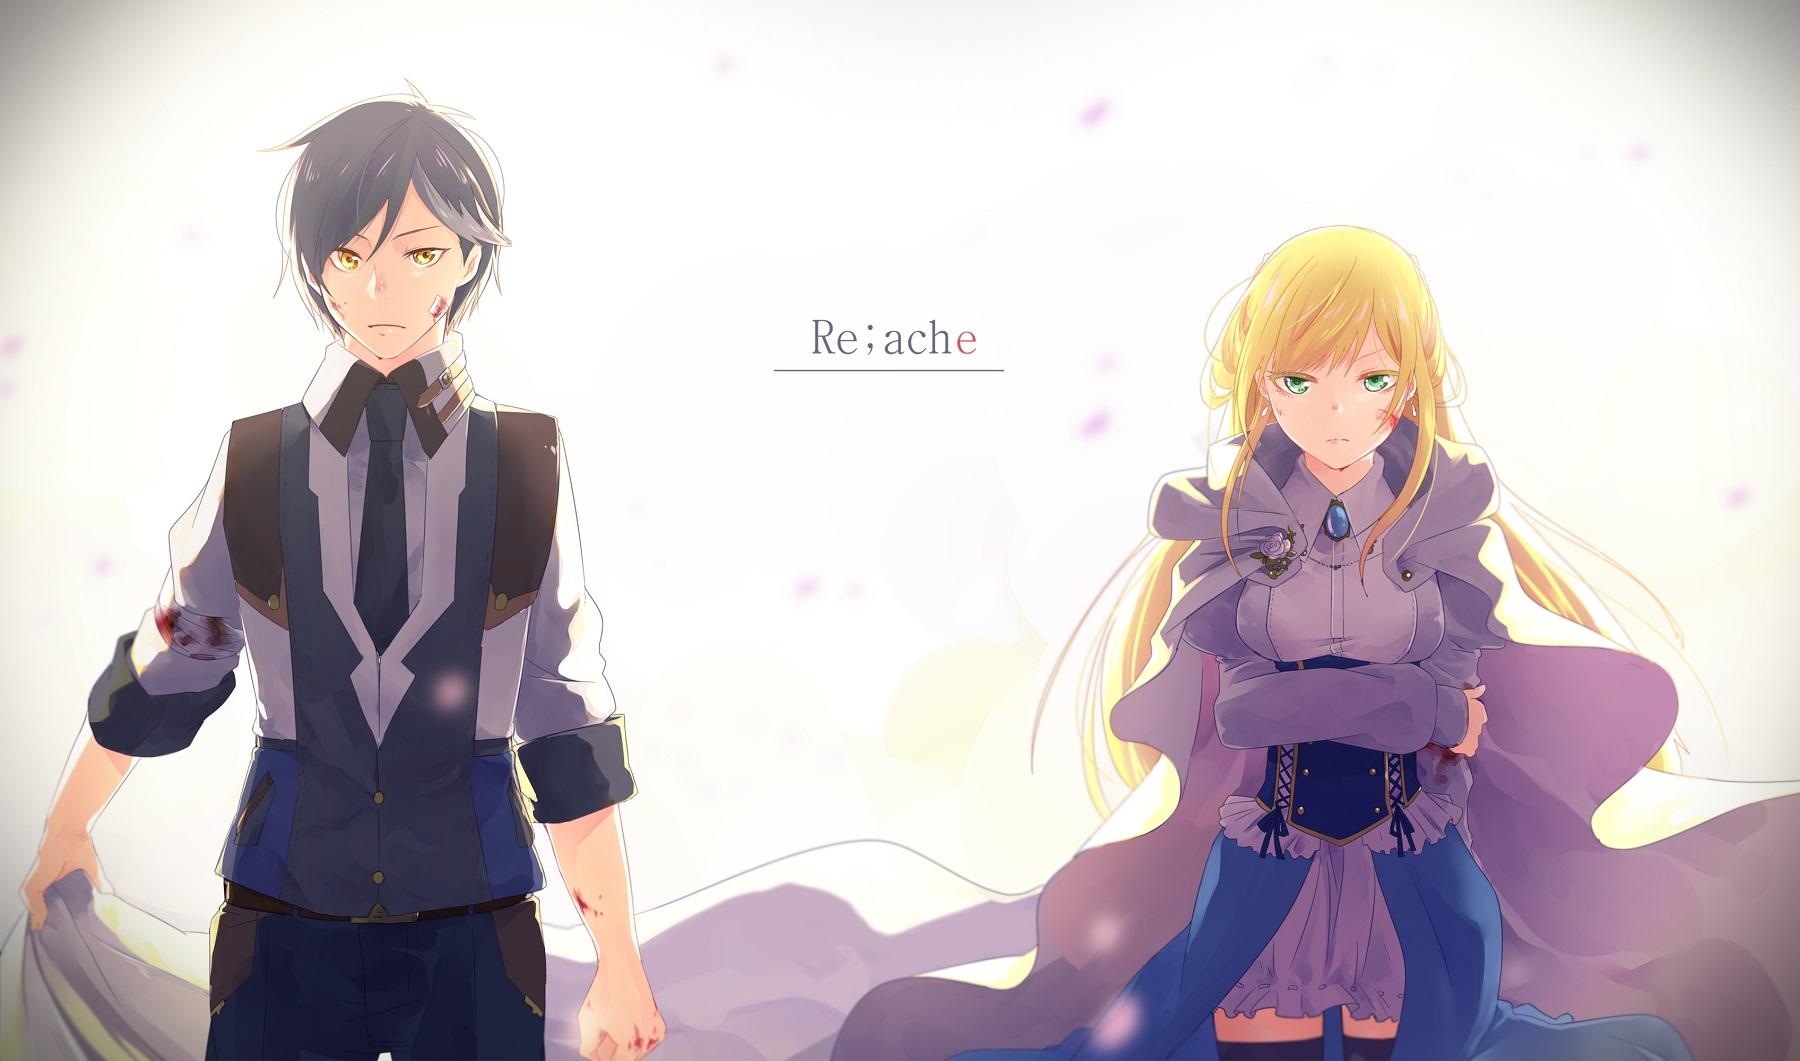 Re:ache